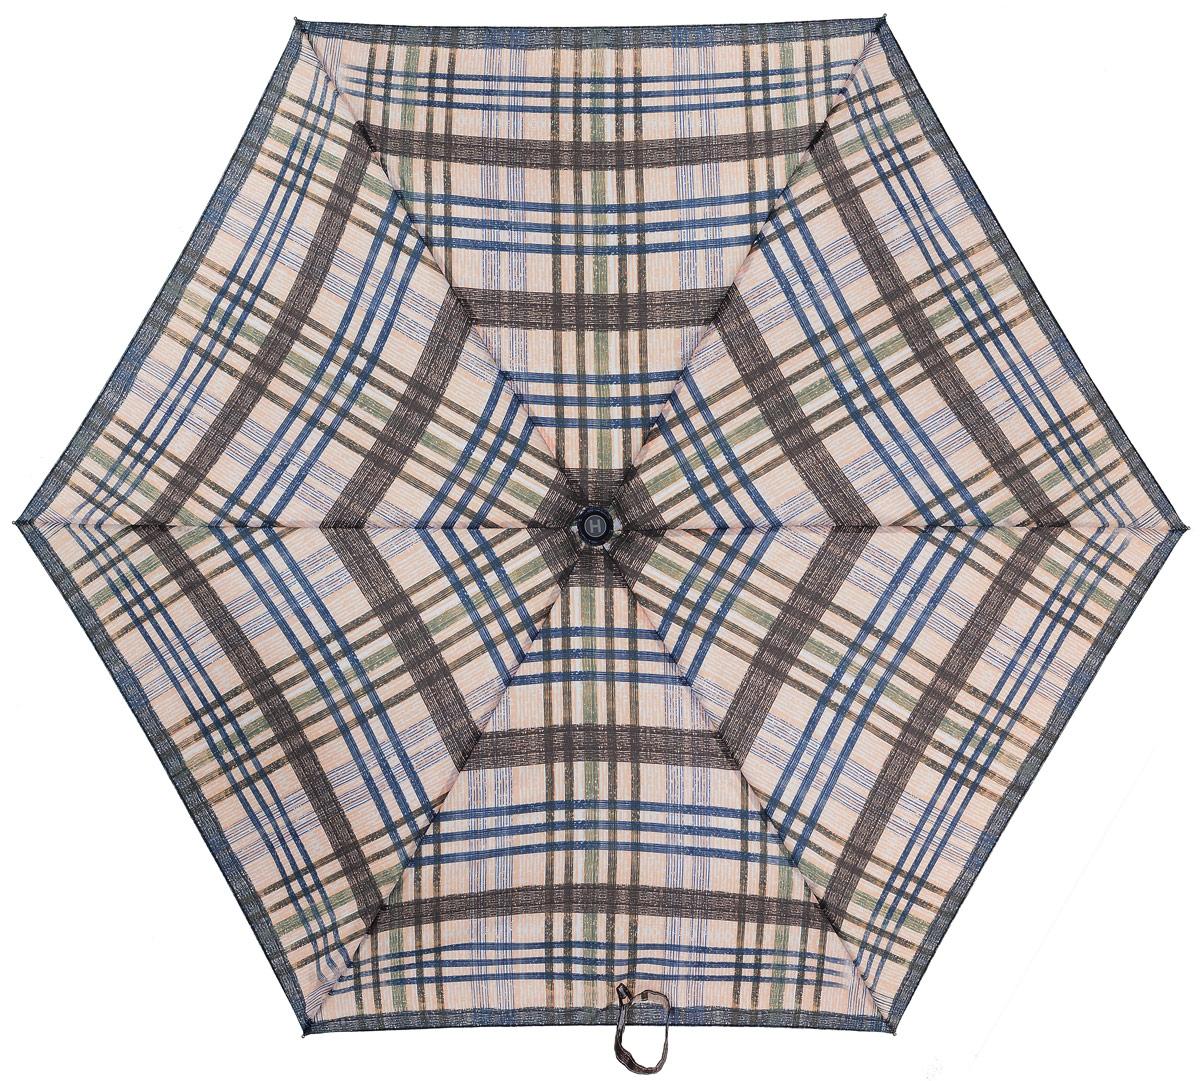 Зонт женский Henry Backer, 3 сложения, цвет: бежевый. U32201 Grey checkU32201 Grey checkСуперлегкий женский зонт «Серая клетка», механика Компактная рукоять выполнена из нескользящего материала, ветроустойчивый каркас сделан из алюминия и фибергласса.